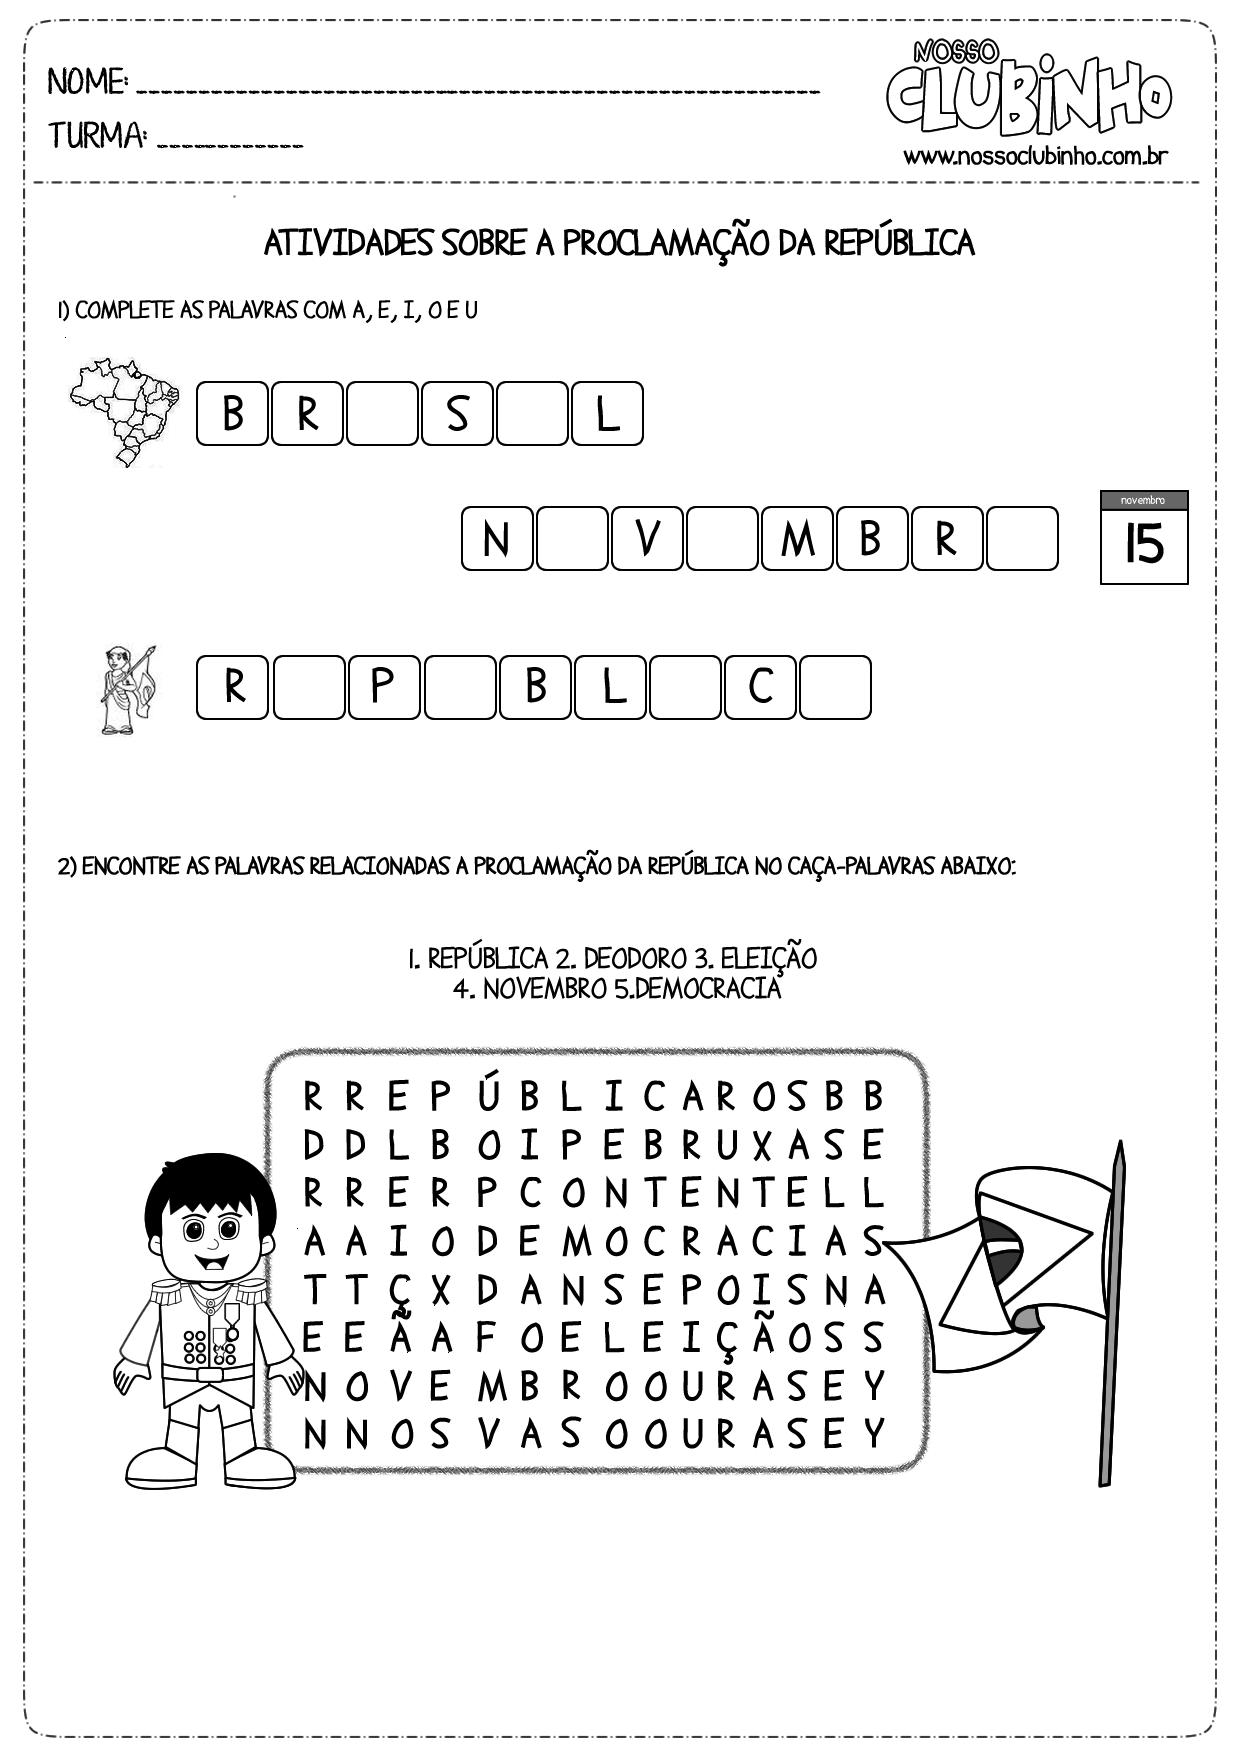 Atividades para crianças do ensino fundamental sobre a Proclamação da República